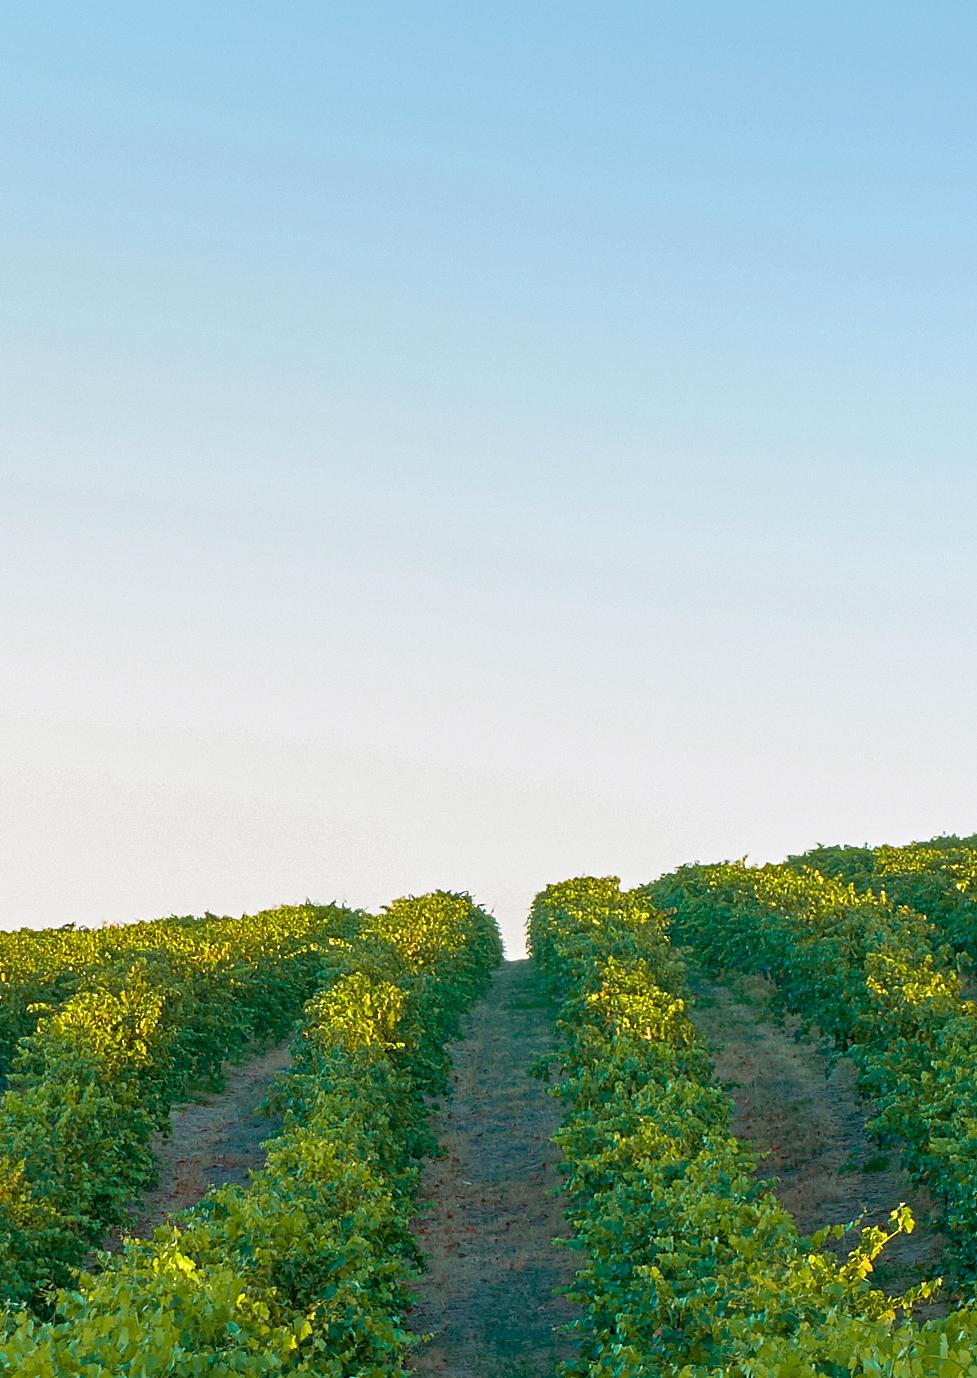 generic vineyard pic.jpg